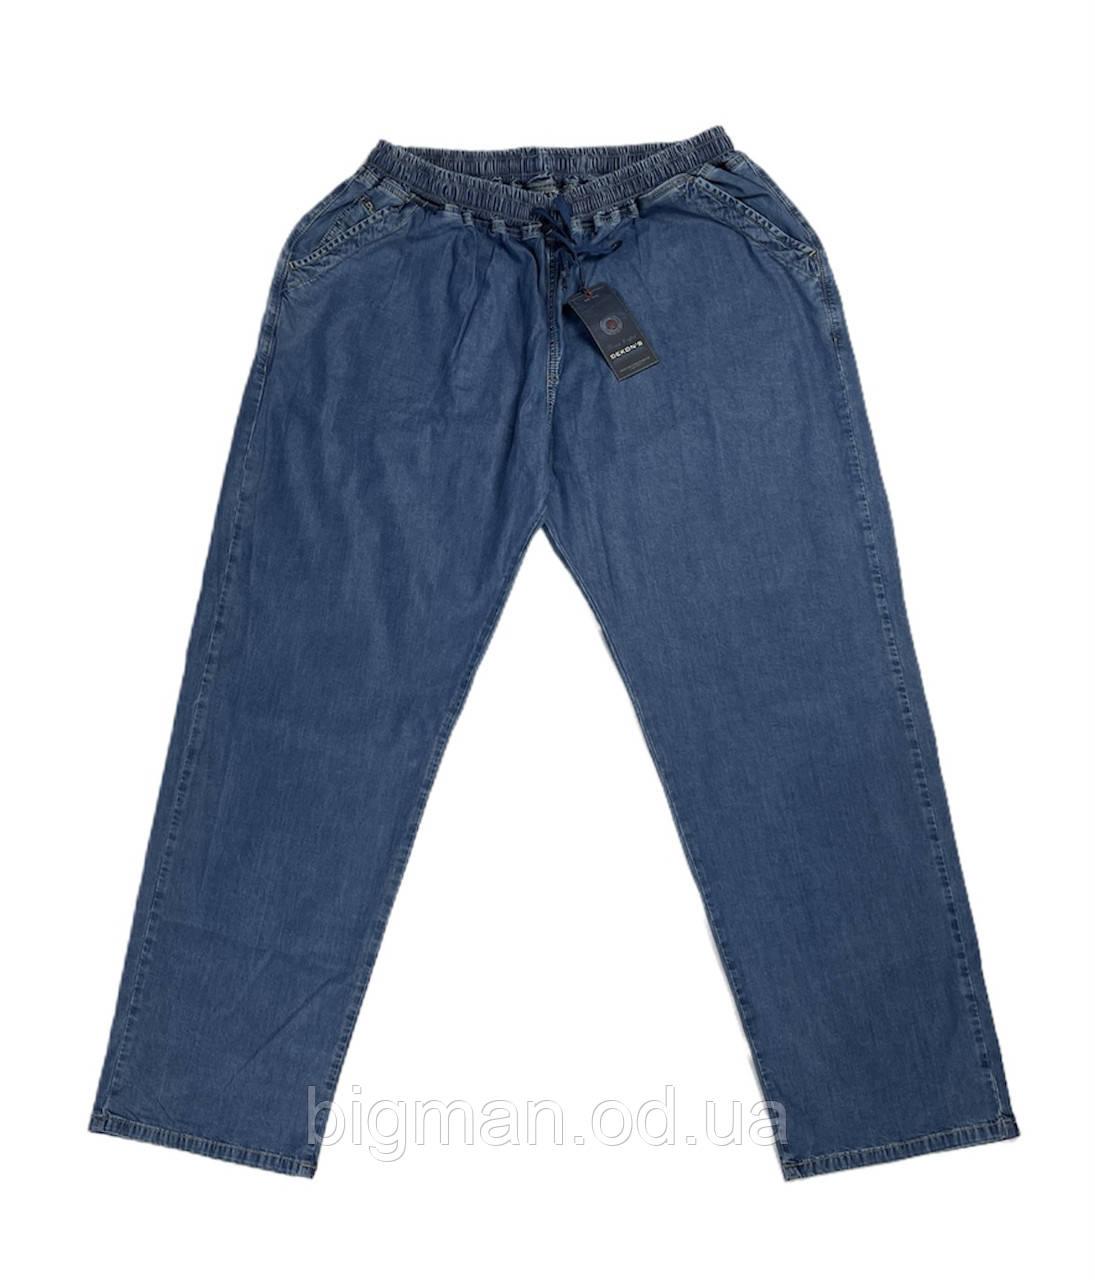 Чоловічі джинси на резинці Dekons 18039 56-74 розміру сині великого батального розміру Туреччина